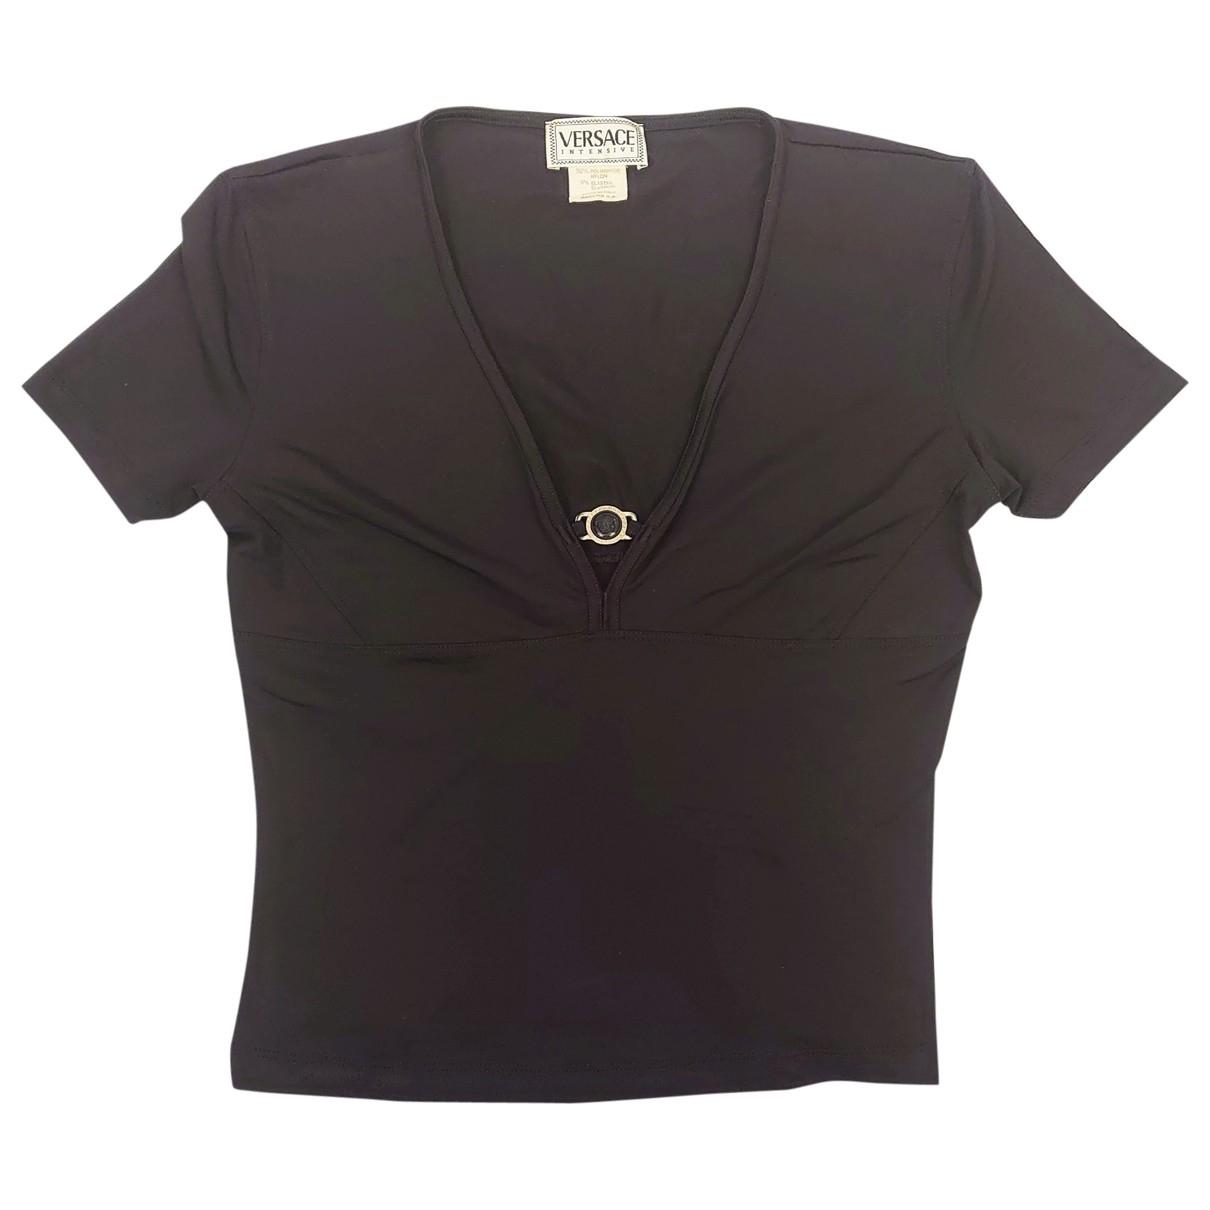 Versace - Top   pour femme - noir